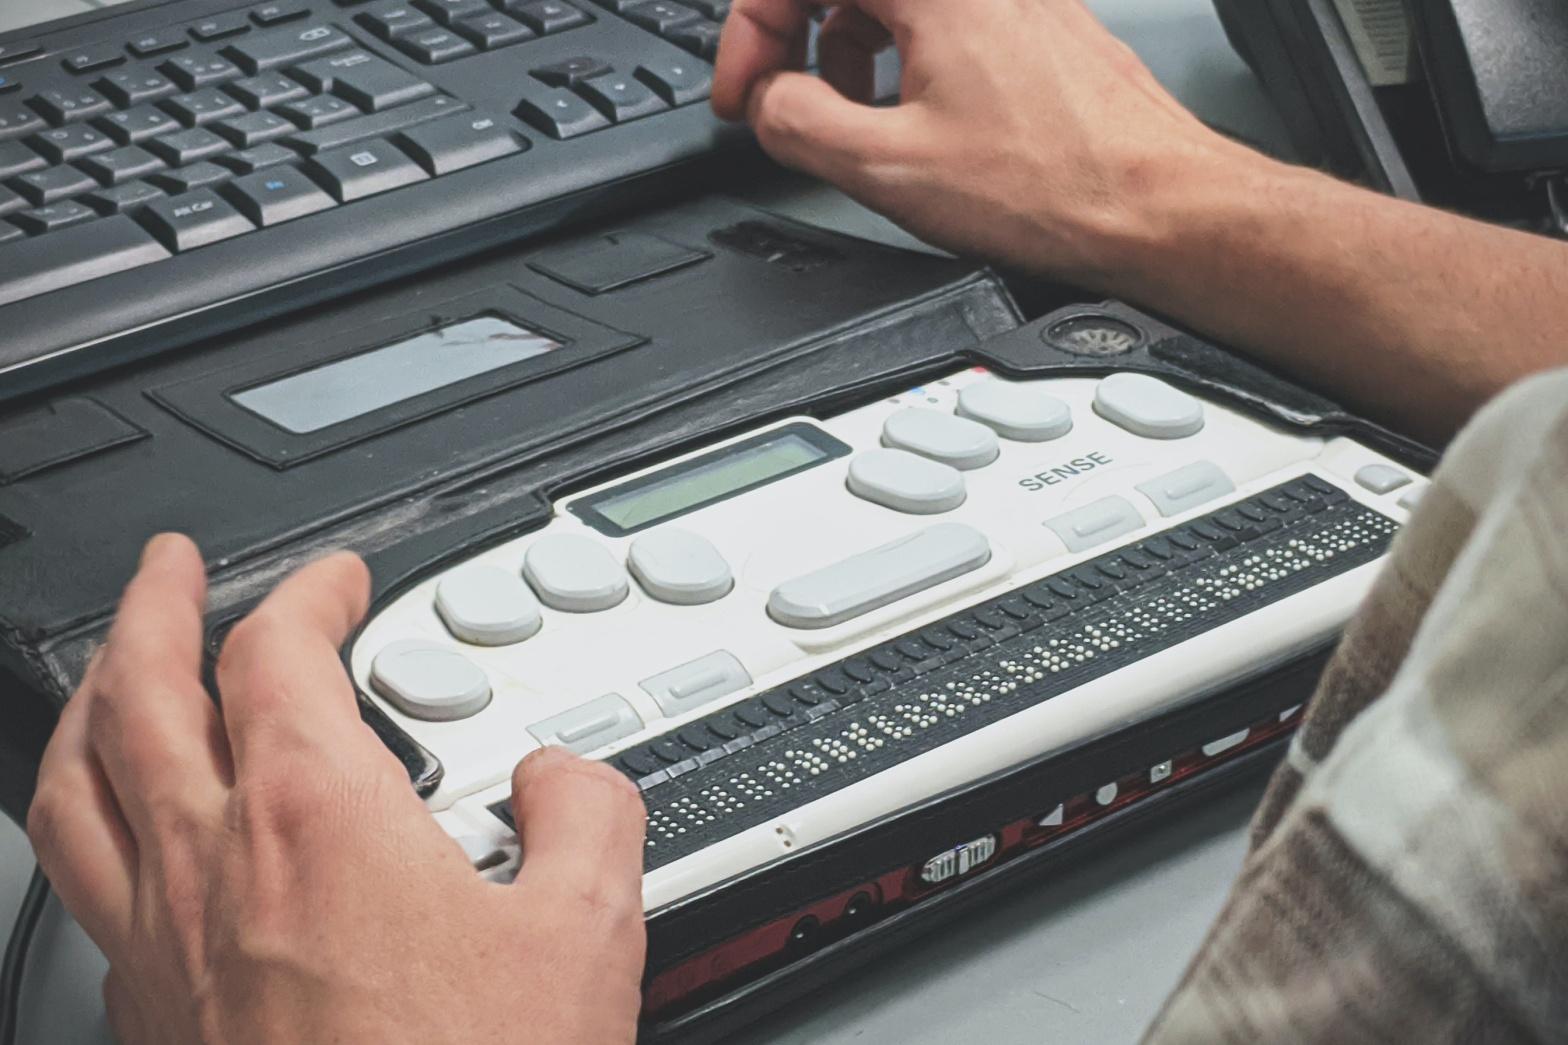 Hands using a braille machine